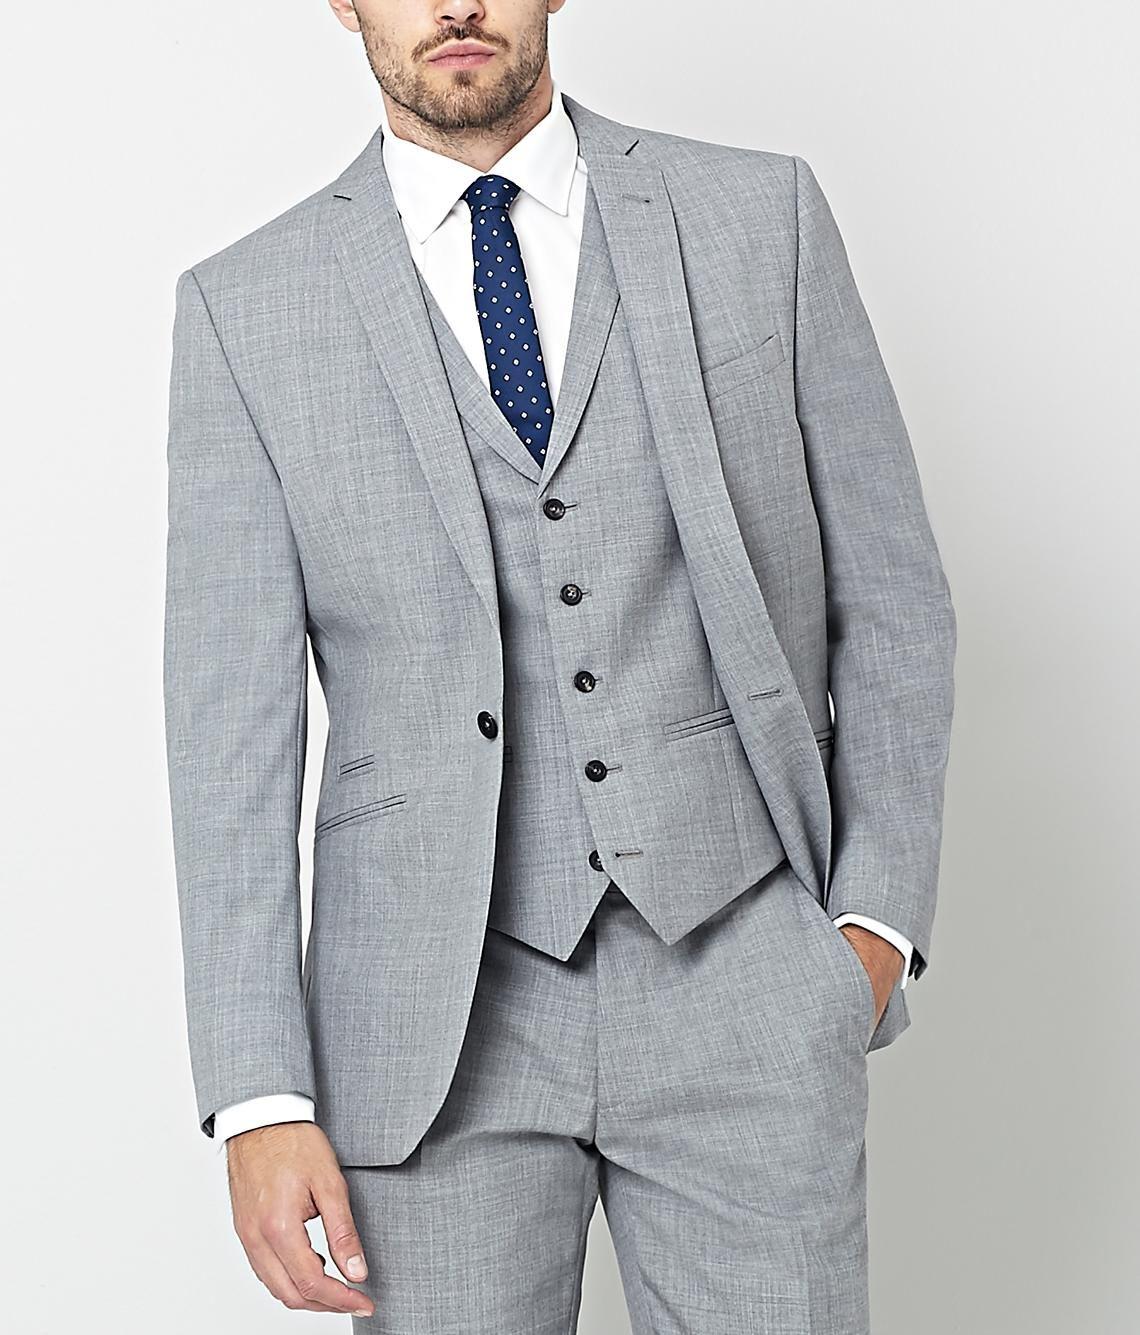 Ar Red Nick Hart 3 Piece Light Grey Suit Men S Suits Light Grey Suits Grey Suit Men Classy Suits